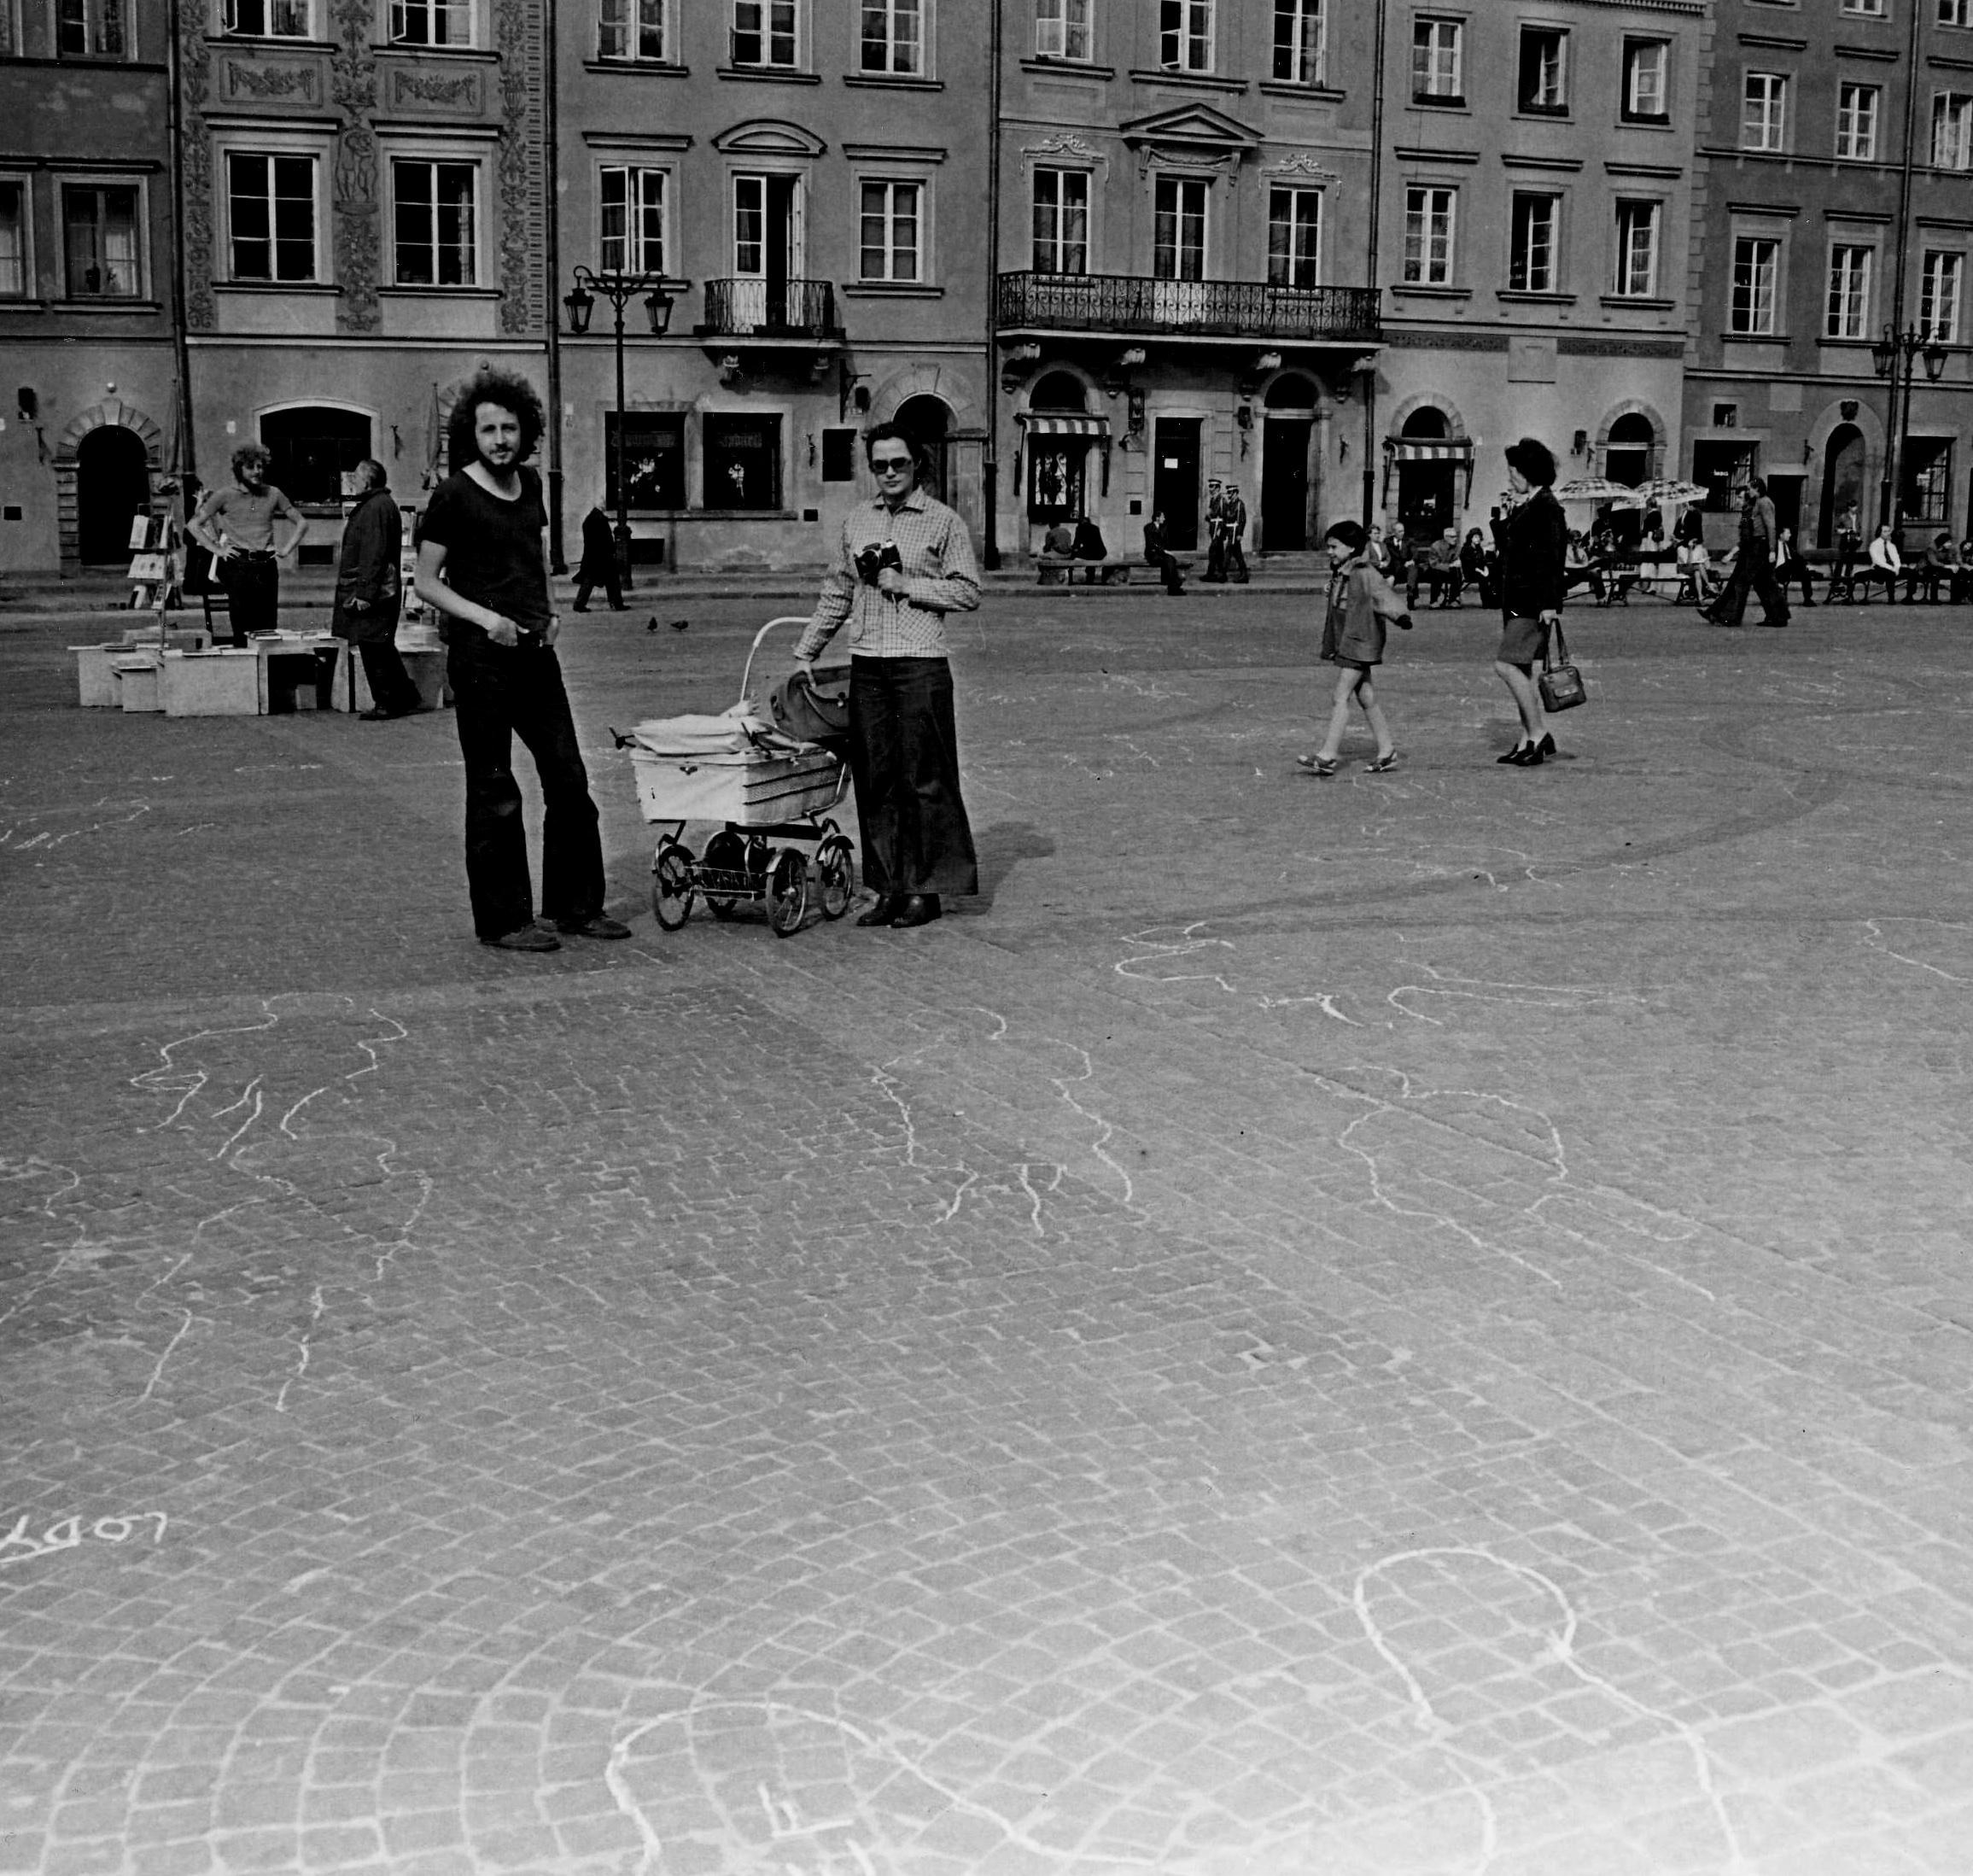 Zygmunt Piotrowski and Ryszard Kryska action 'Obrys postaci jako znak czasu' at the Warsaw's Old Town Square, 1974. Photo by Przemysław Kwiek.